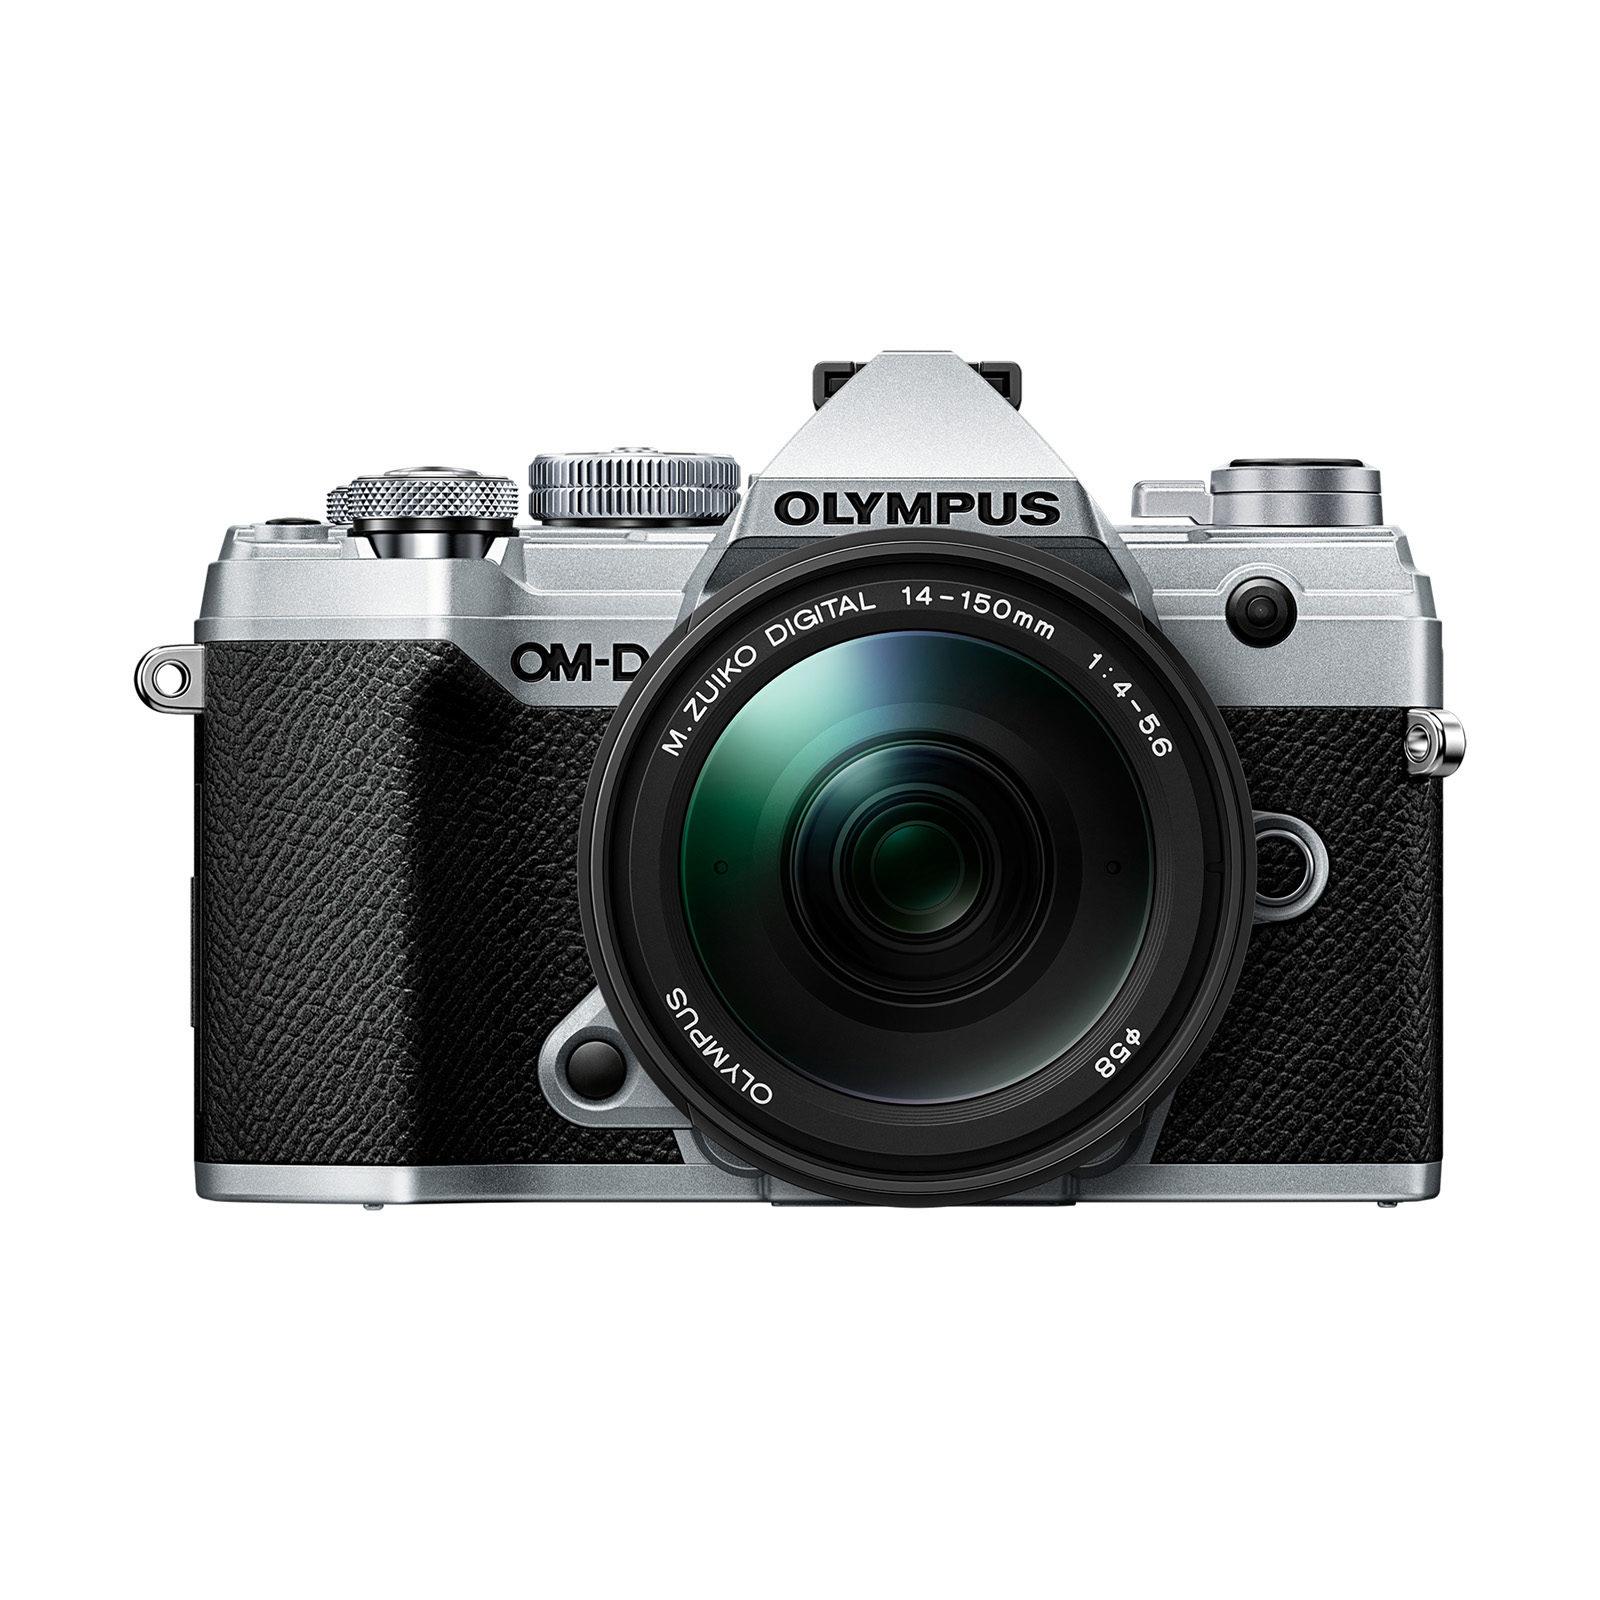 Olympus OM-D E-M5 Mark III systeemcamera Zilver + 14-150mm Zwart <br/>€ 1349.00 <br/> <a href='https://www.cameranu.nl/fotografie/?tt=12190_474631_241358_&r=https%3A%2F%2Fwww.cameranu.nl%2Fnl%2Fp3130147%2Folympus-om-d-e-m5-mark-iii-systeemcamera-zilver-14-150mm-zwart%3Fchannable%3De10841.MzEzMDE0Nw%26utm_campaign%3D%26utm_content%3DOM-D%2Bserie%26utm_source%3DTradetracker%26utm_medium%3Dcpc%26utm_term%3DDigitale%2Bcamera%26apos%3Bs' target='_blank'>naar de winkel</a>